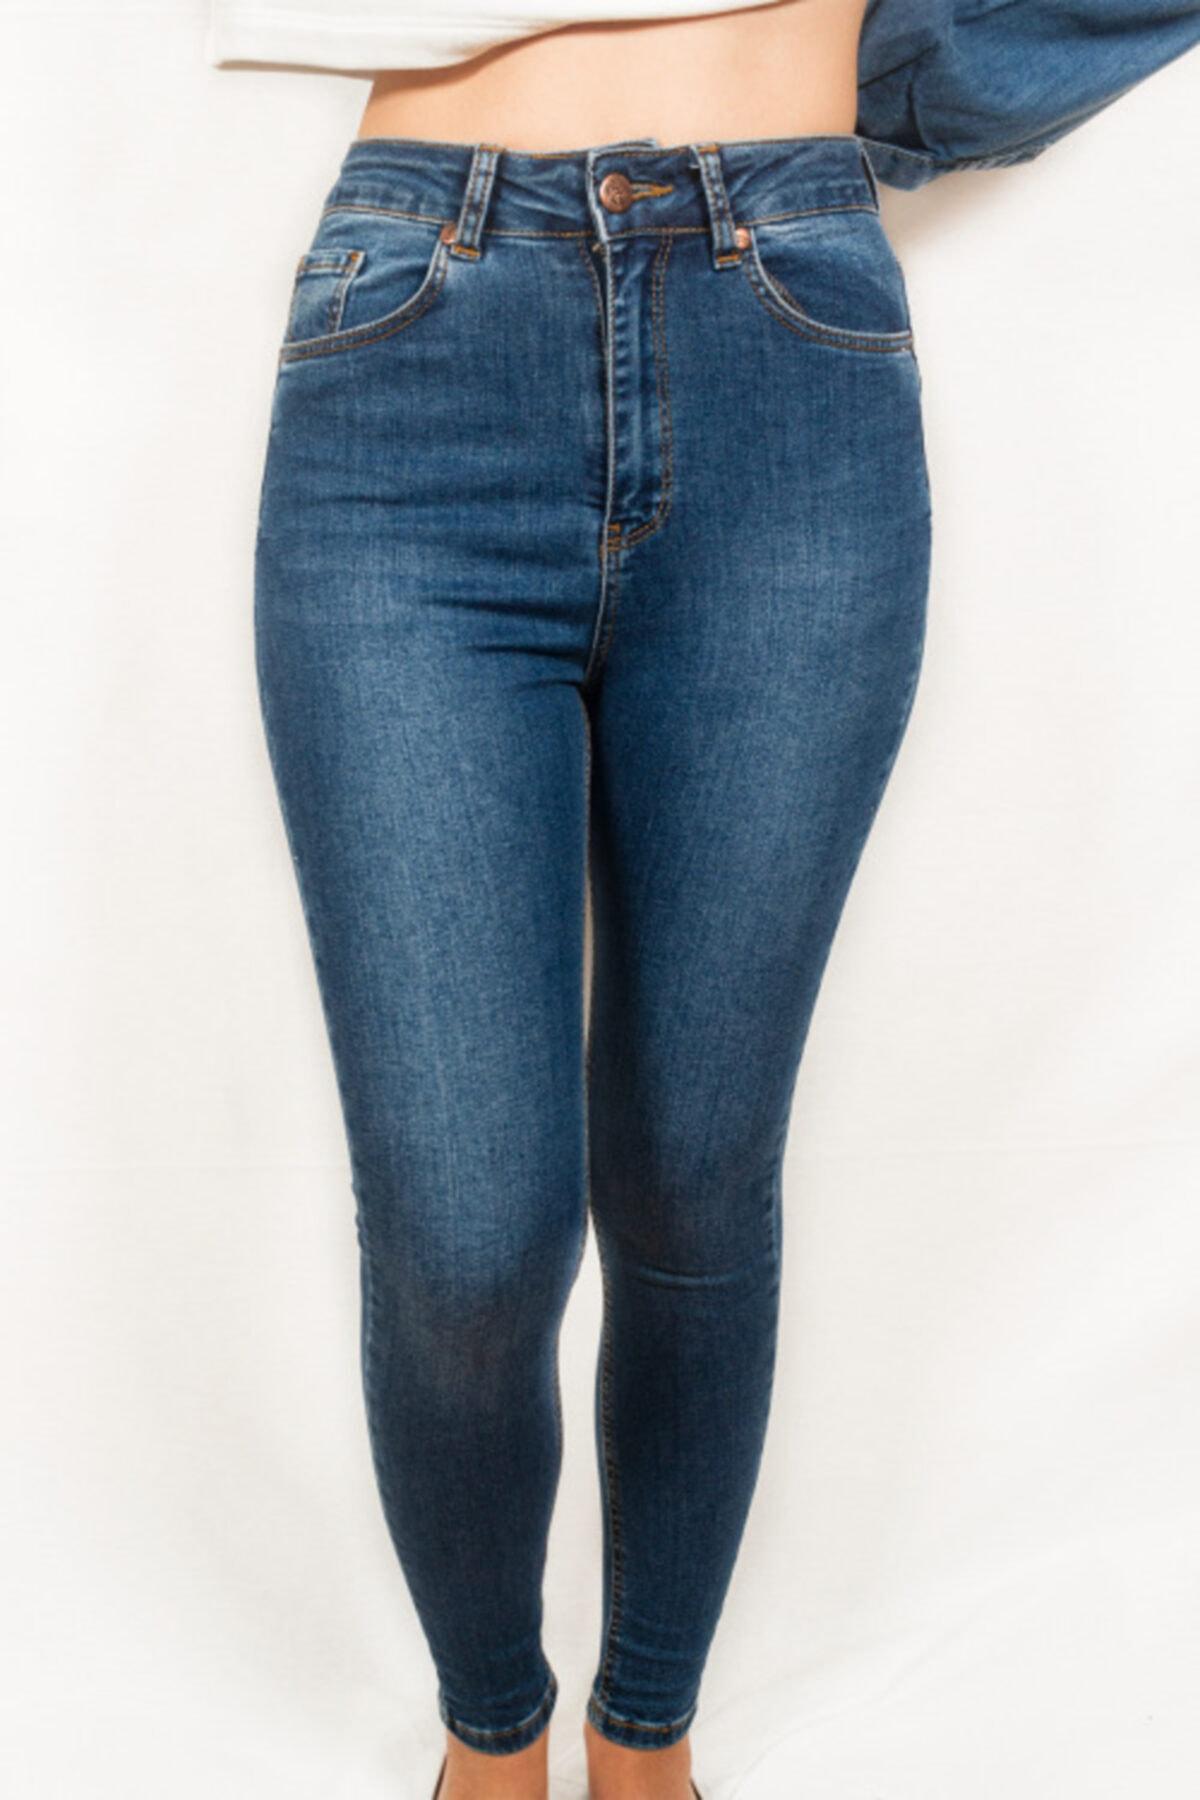 Maze Butik Kadın Yüksek Bel Kot Pantolon 1